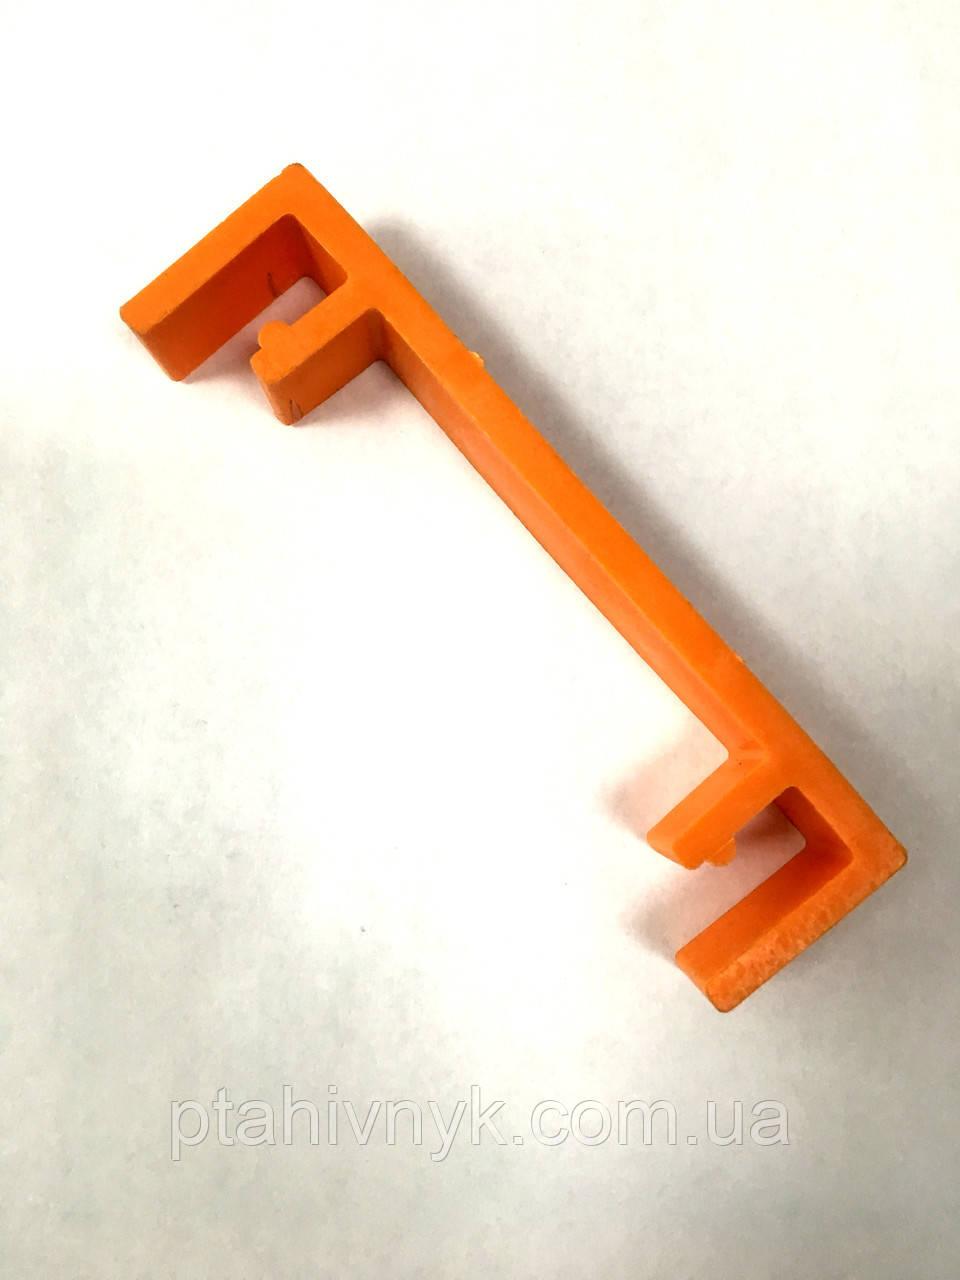 Пристрій для закріплення кошиків при транспортуванні курчат